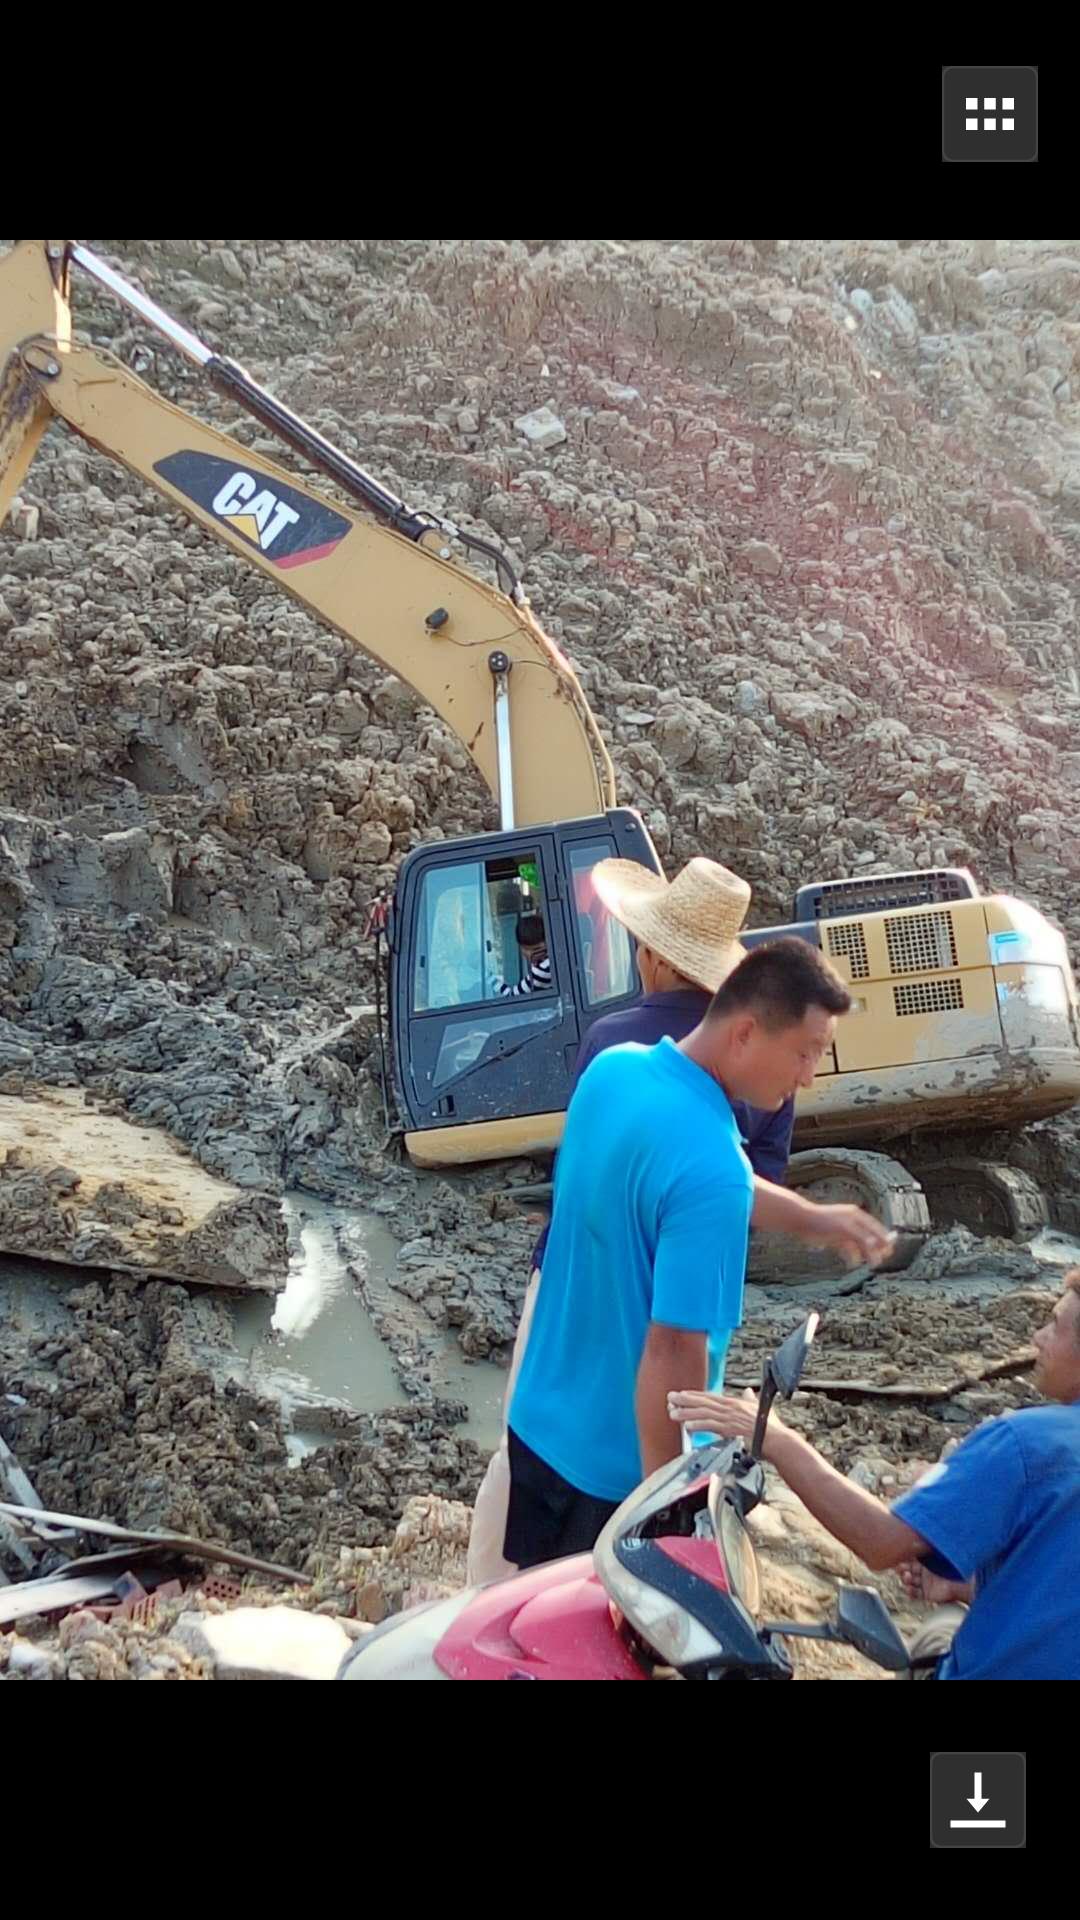 卡特陷入深泥坑